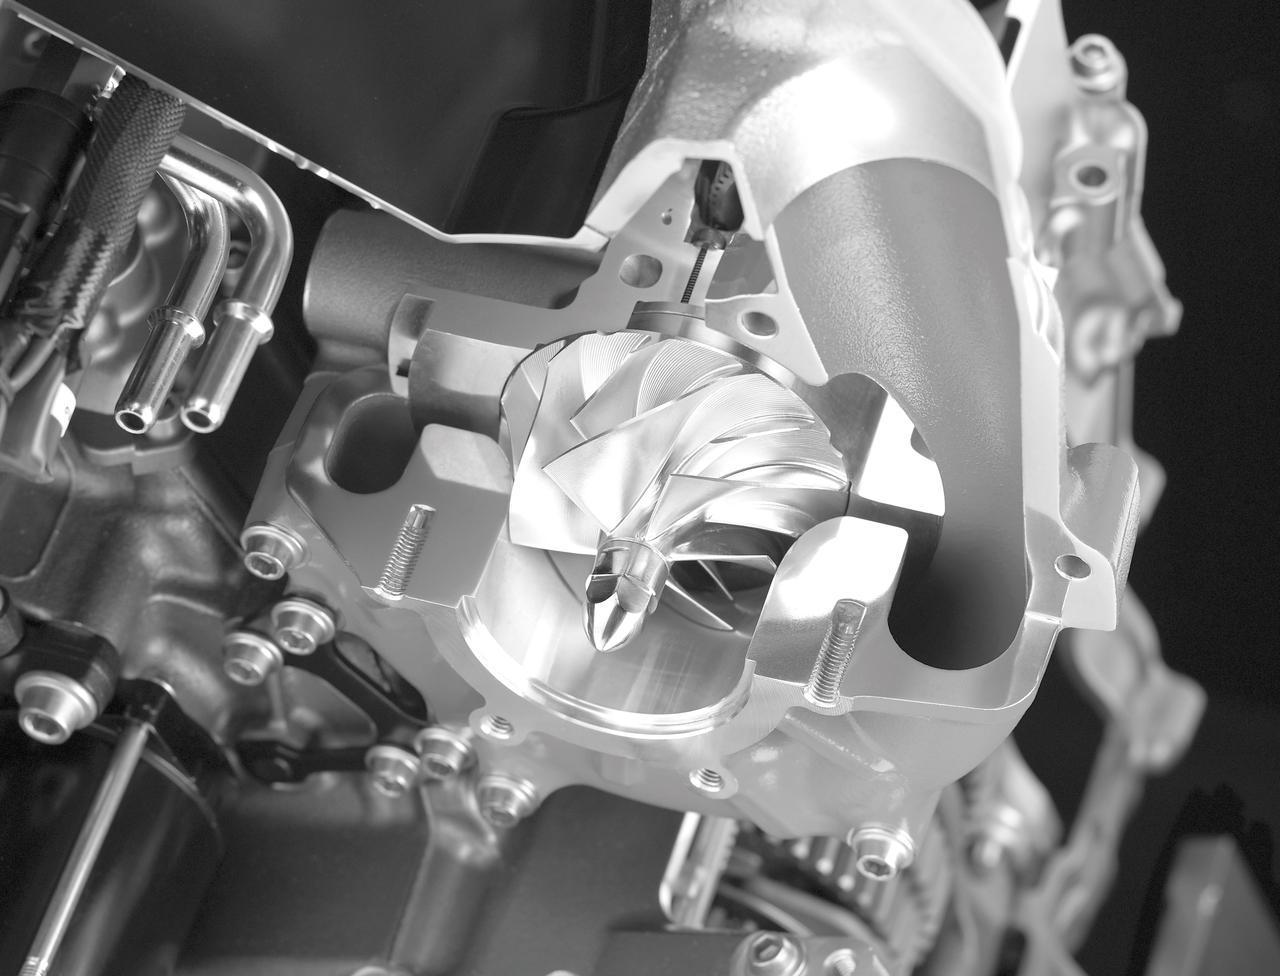 画像: 「スーパーチャージドエンジン」とは? - webオートバイ